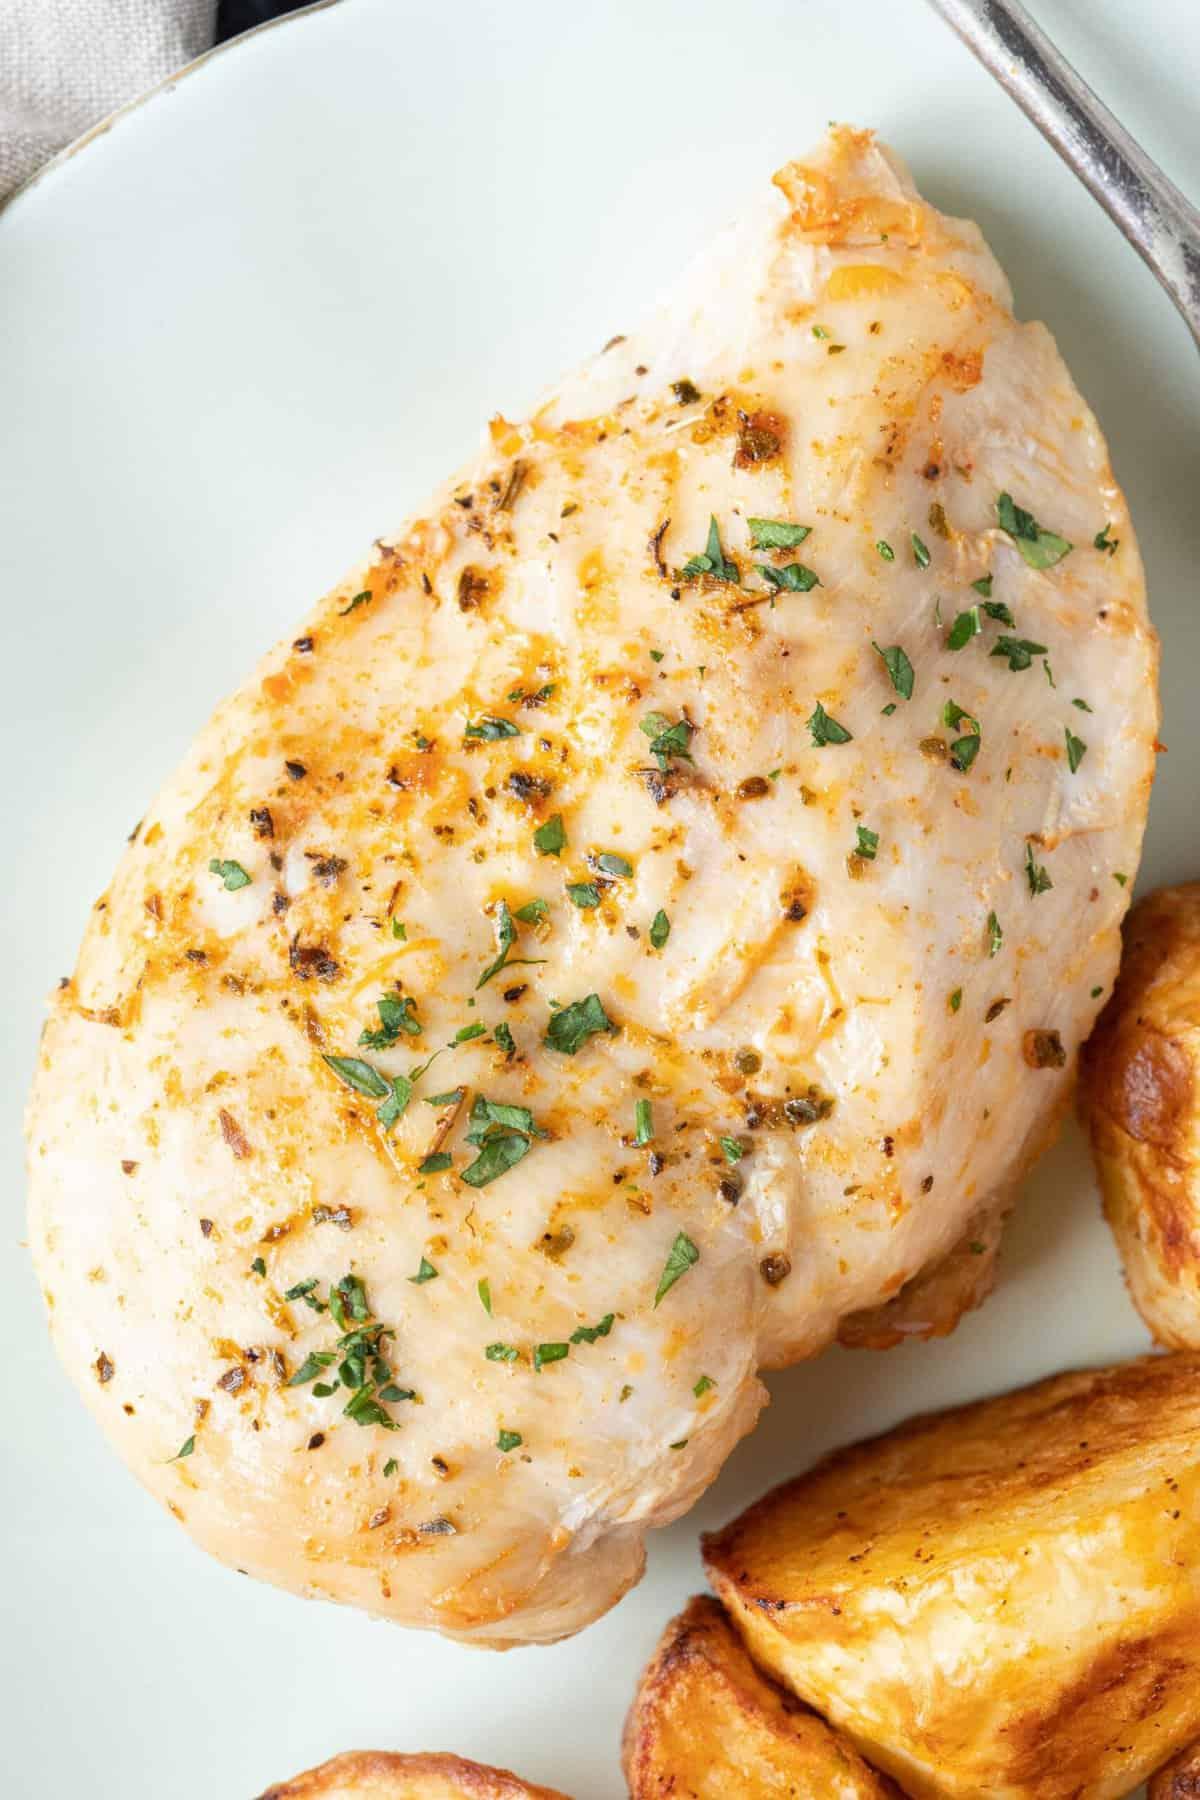 An air fryer chicken breast close up.